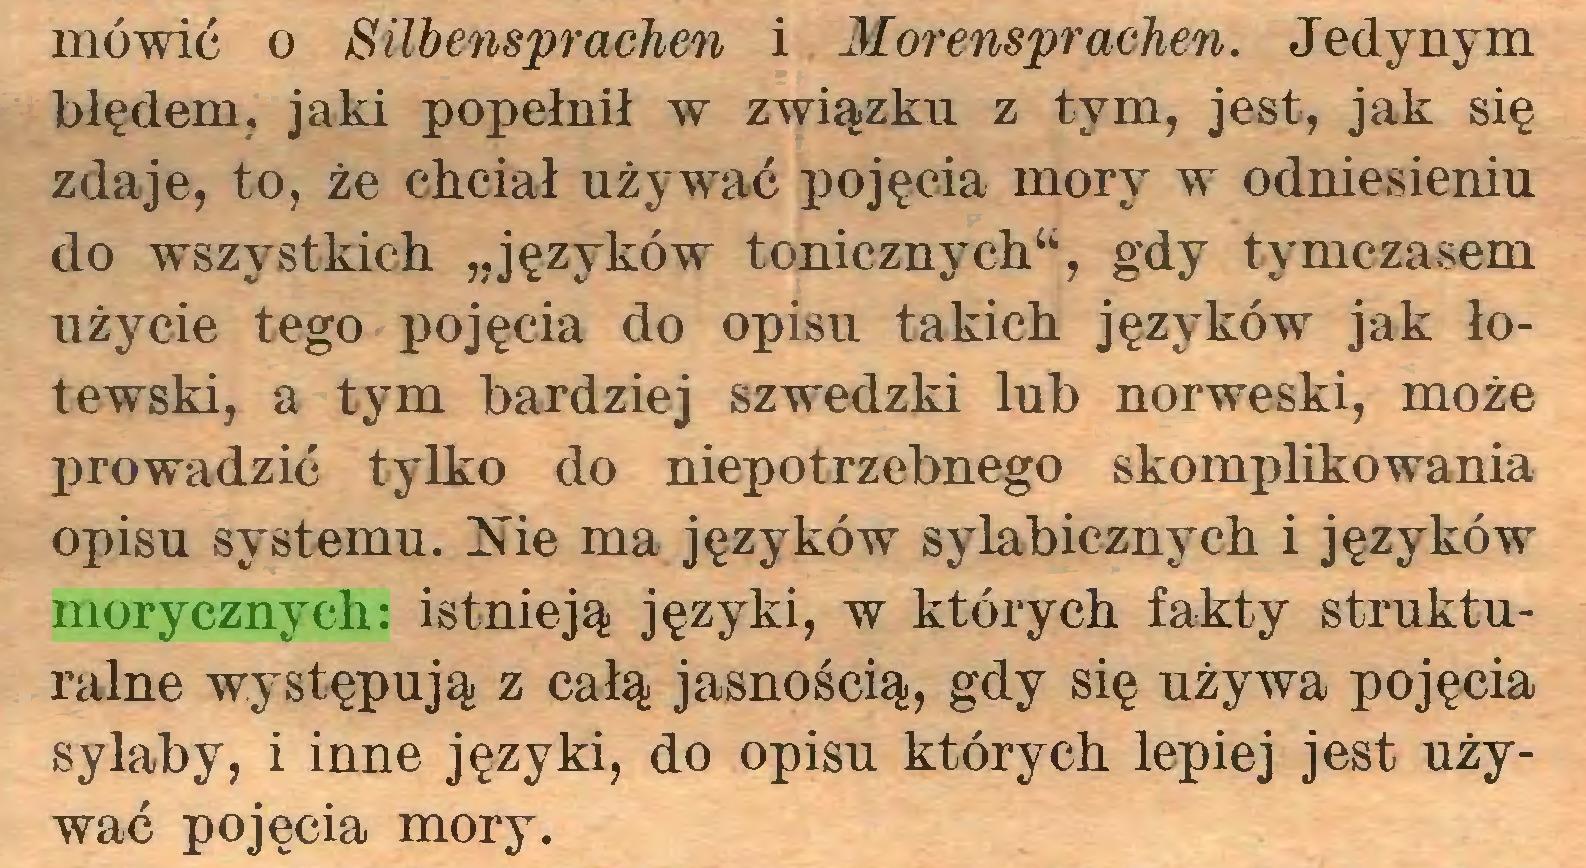 """(...) mówić o Silbensprachen i Morensprachen. Jedynym błędem, jaki popełnił w związku z tym, jest, jak się zdaje, to, że chciał używać pojęcia mory w odniesieniu do wszystkich """"języków tonicznych"""", gdy tymczasem użycie tego pojęcia do opisu takich języków jak łotewski, a tym bardziej szwedzki lub norweski, może prowadzić tylko do niepotrzebnego skomplikowania opisu systemu. Nie ma języków sylabicznych i języków morycznych: istnieją języki, w których fakty strukturalne występują z całą jasnością, gdy się używa pojęcia sylaby, i inne języki, do opisu których lepiej jest używać pojęcia mory..."""